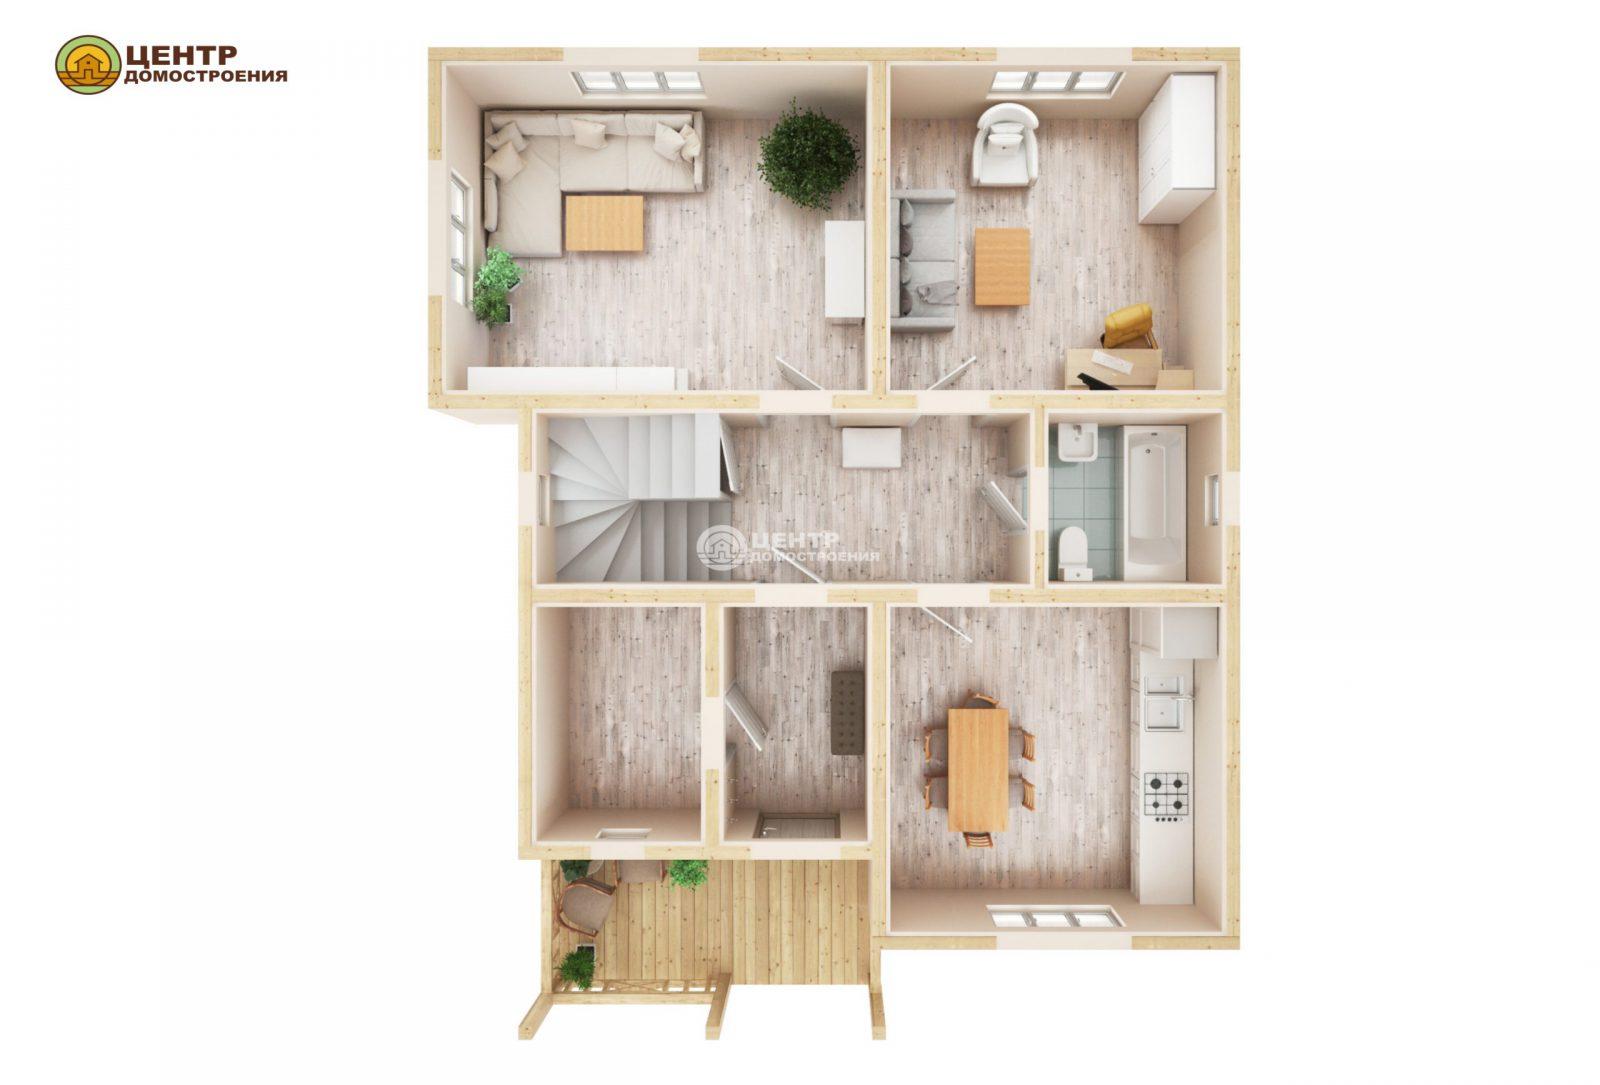 Проект двухэтажного дома 11 на 9